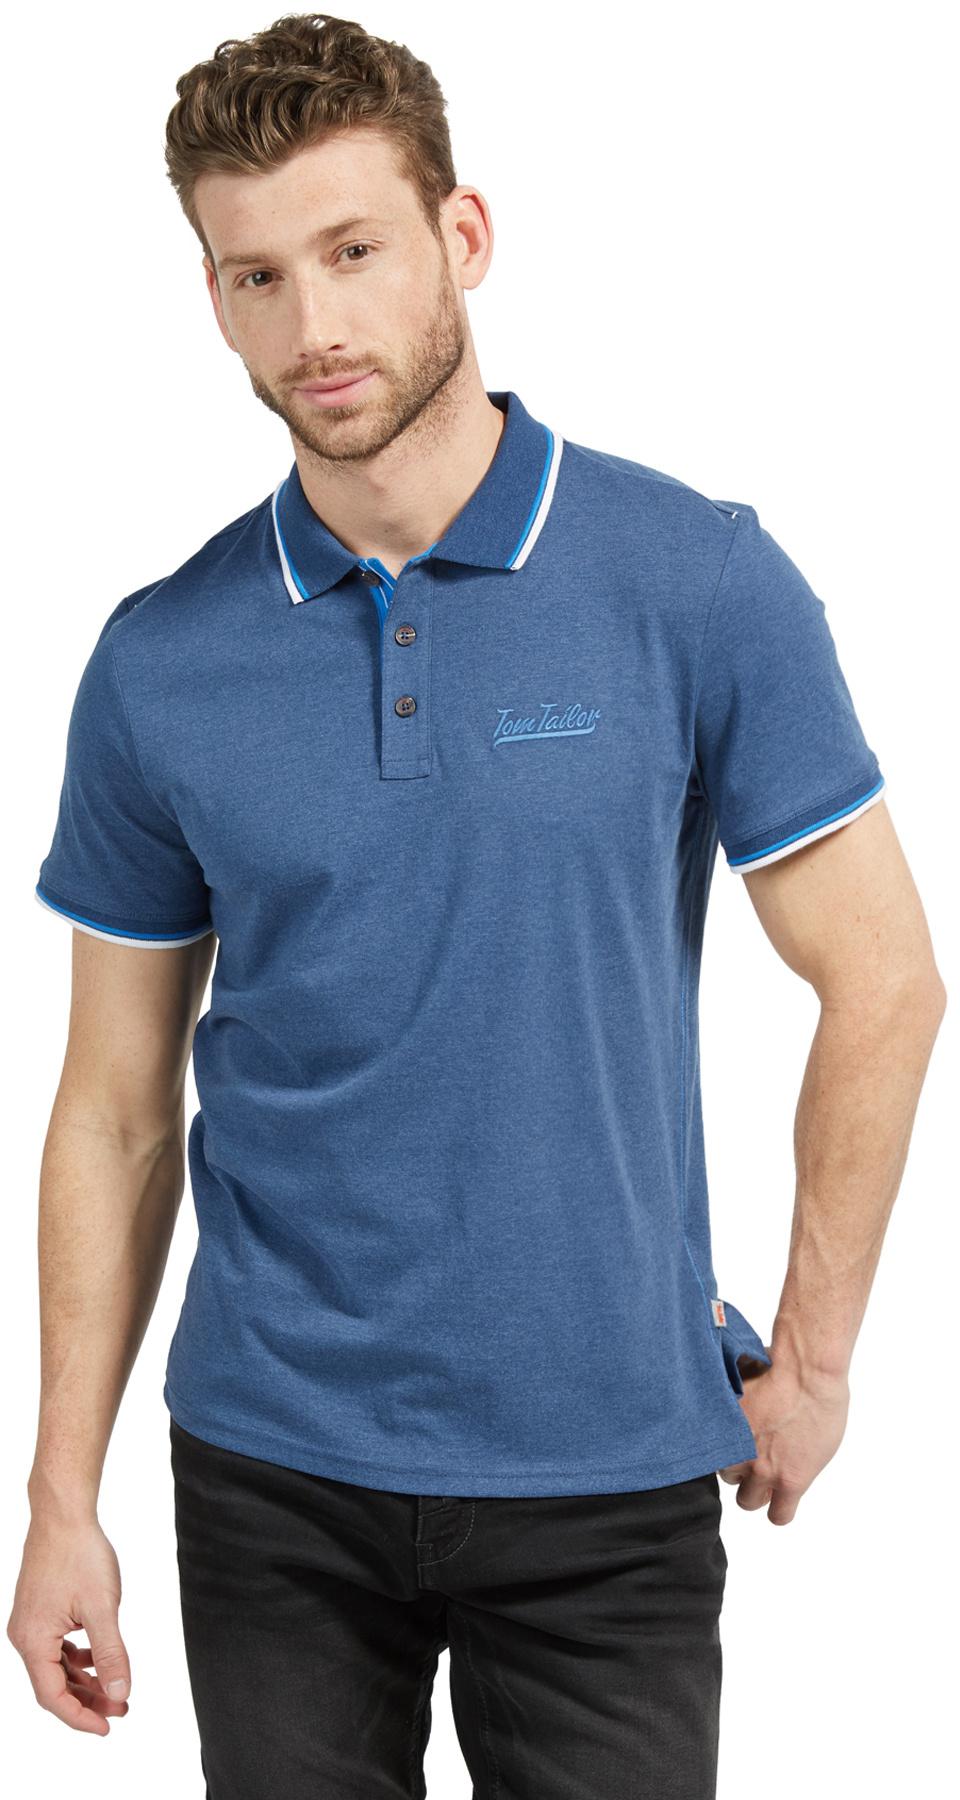 Tom Tailor pánské triko s límečkem 15311126210/6621 Modrá M